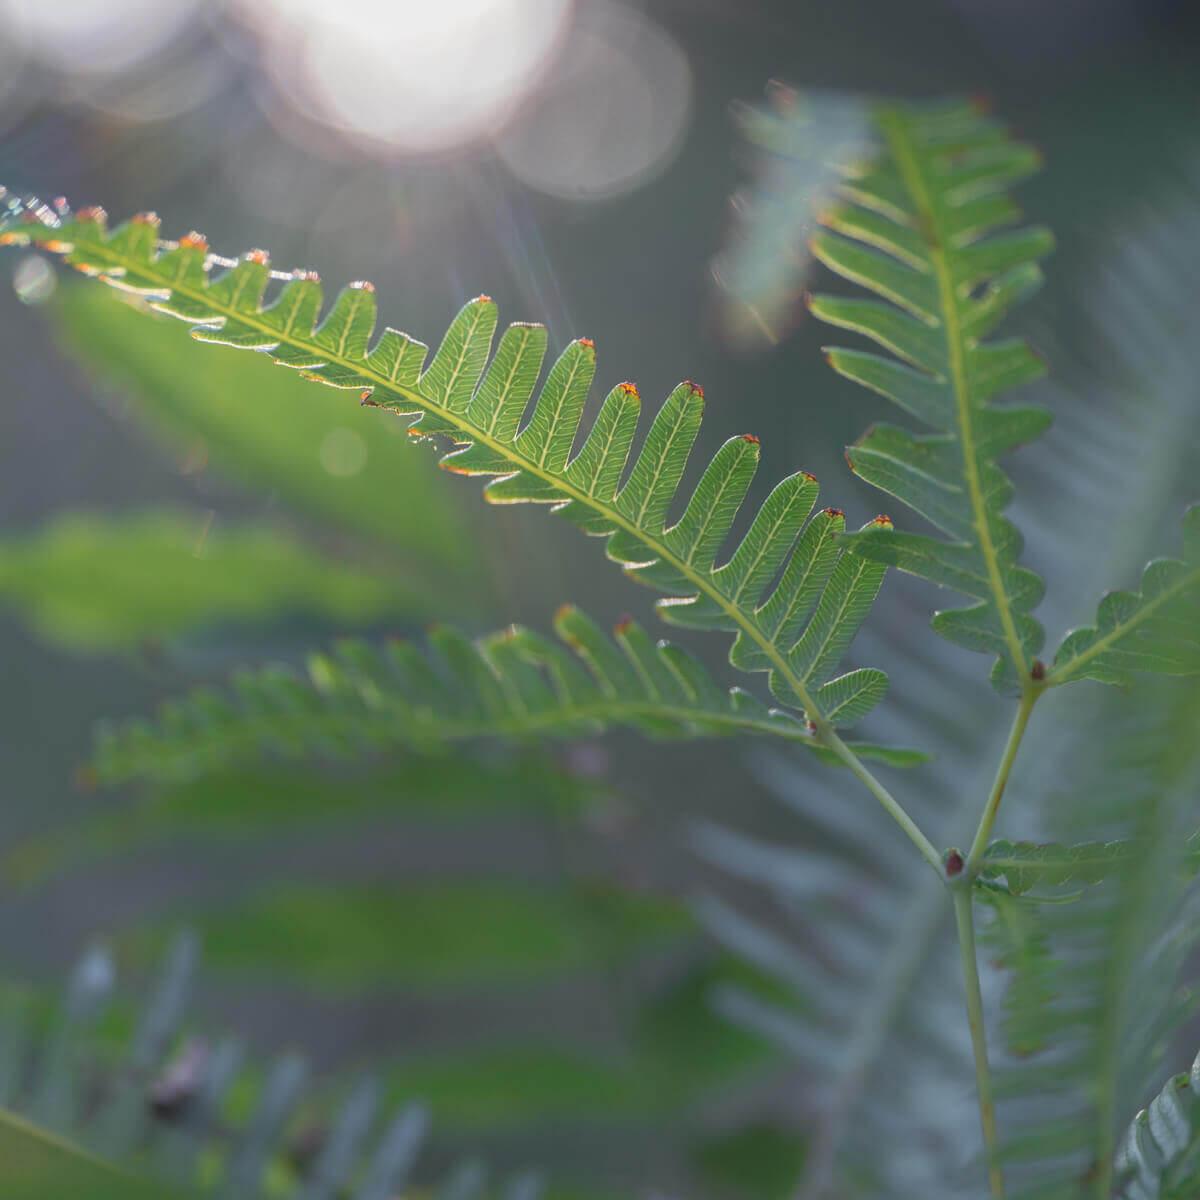 屋久島シダの葉っぱ 夕暮れ時 屋久島日々の暮らしとジュエリー オーダーメイドマリッジリングのインスピレーション